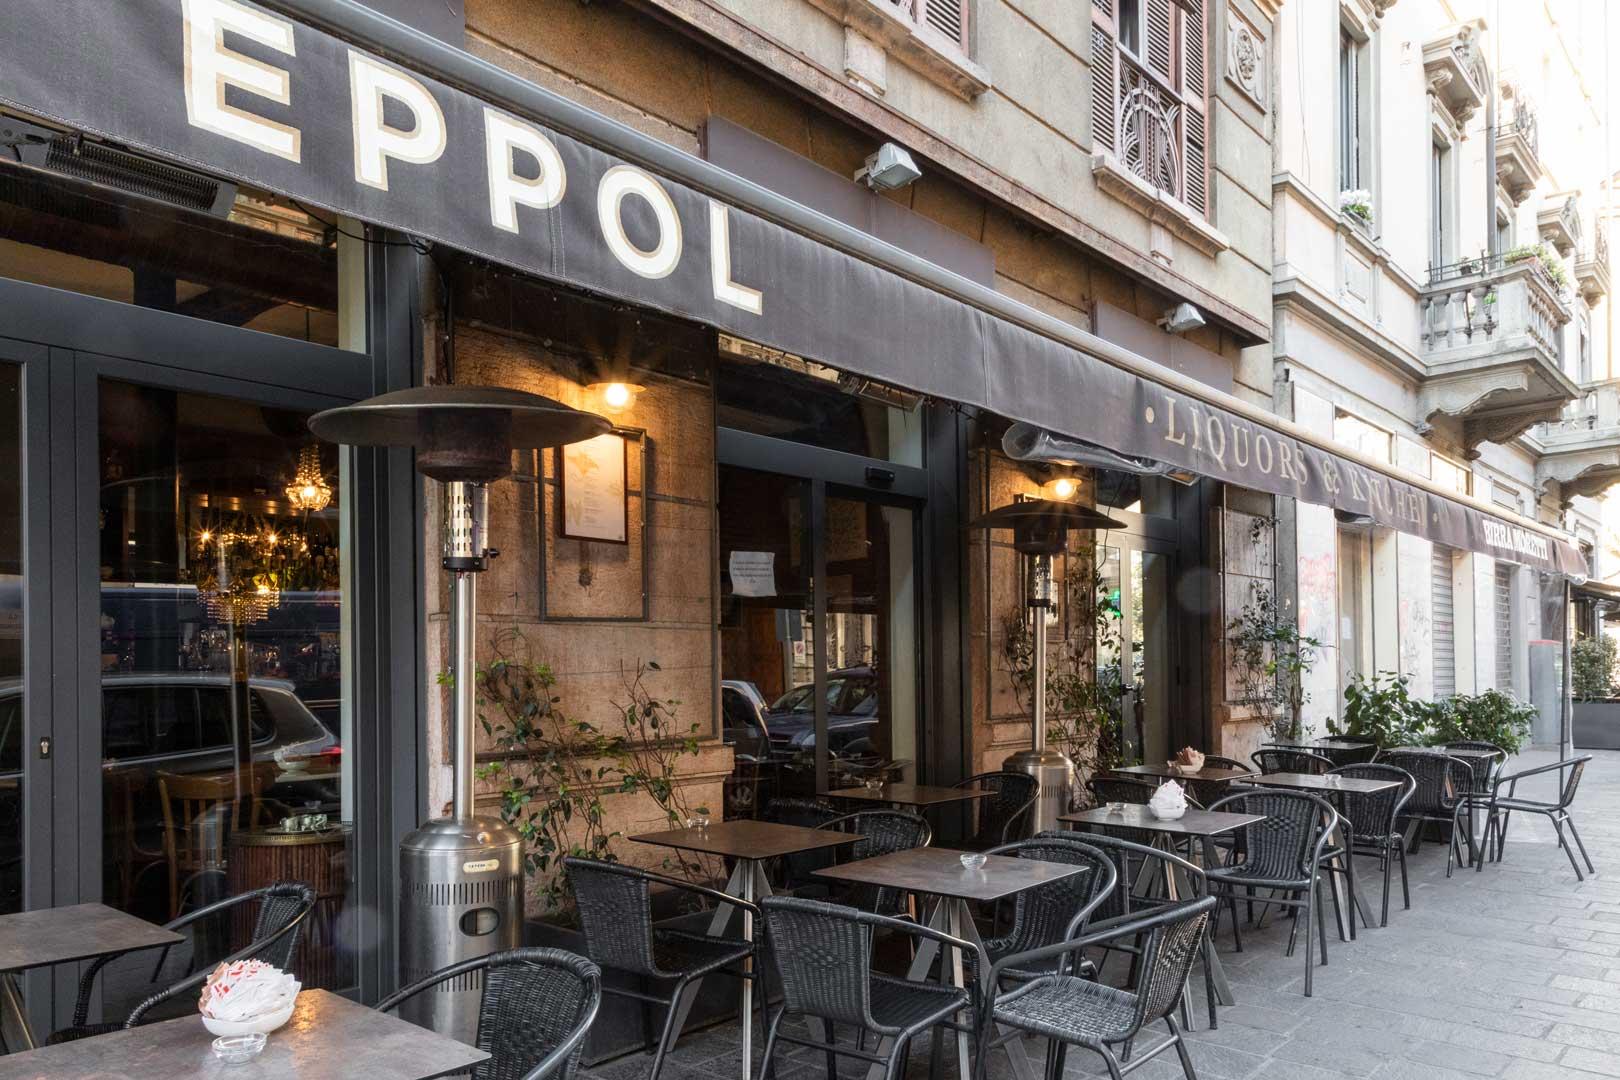 Eppol - Milano